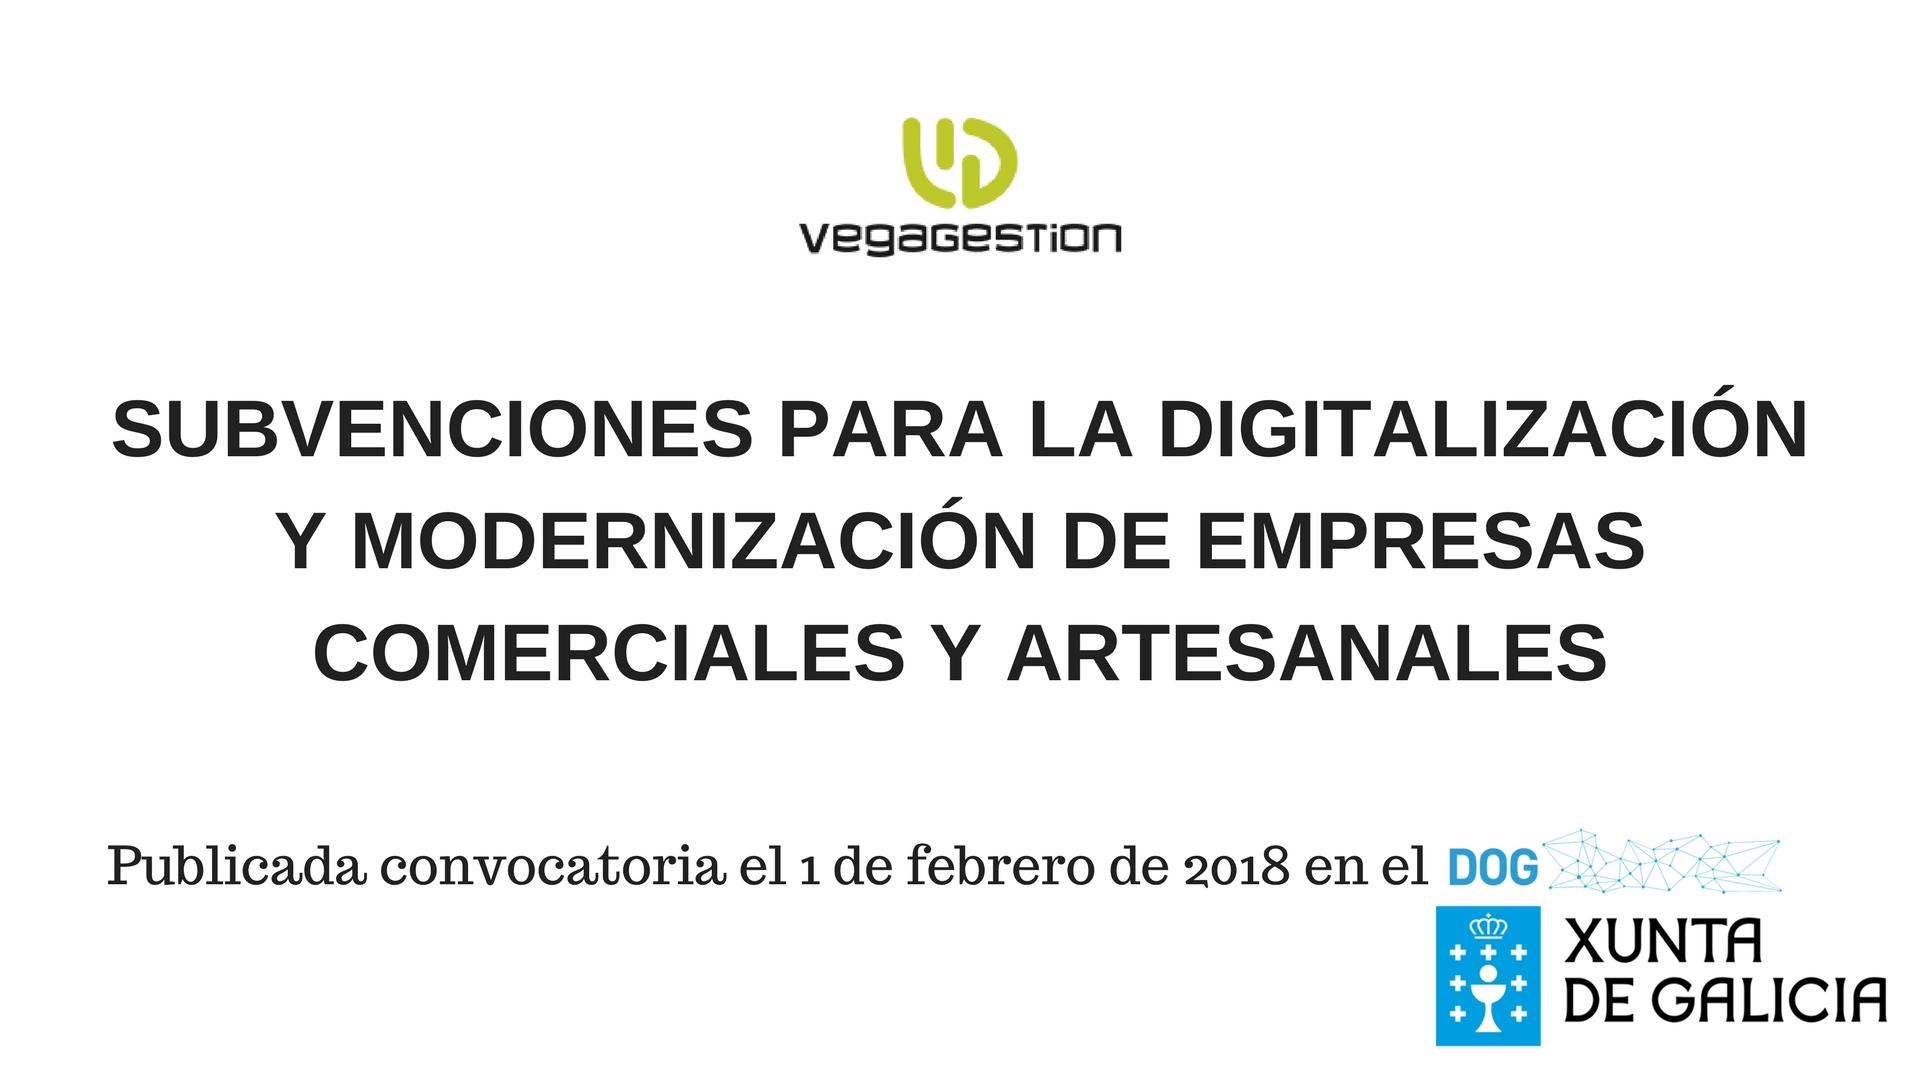 ayudas-para-la-digitalizacion-y-modernizacion-empresas-comerciales-artesanales-1920